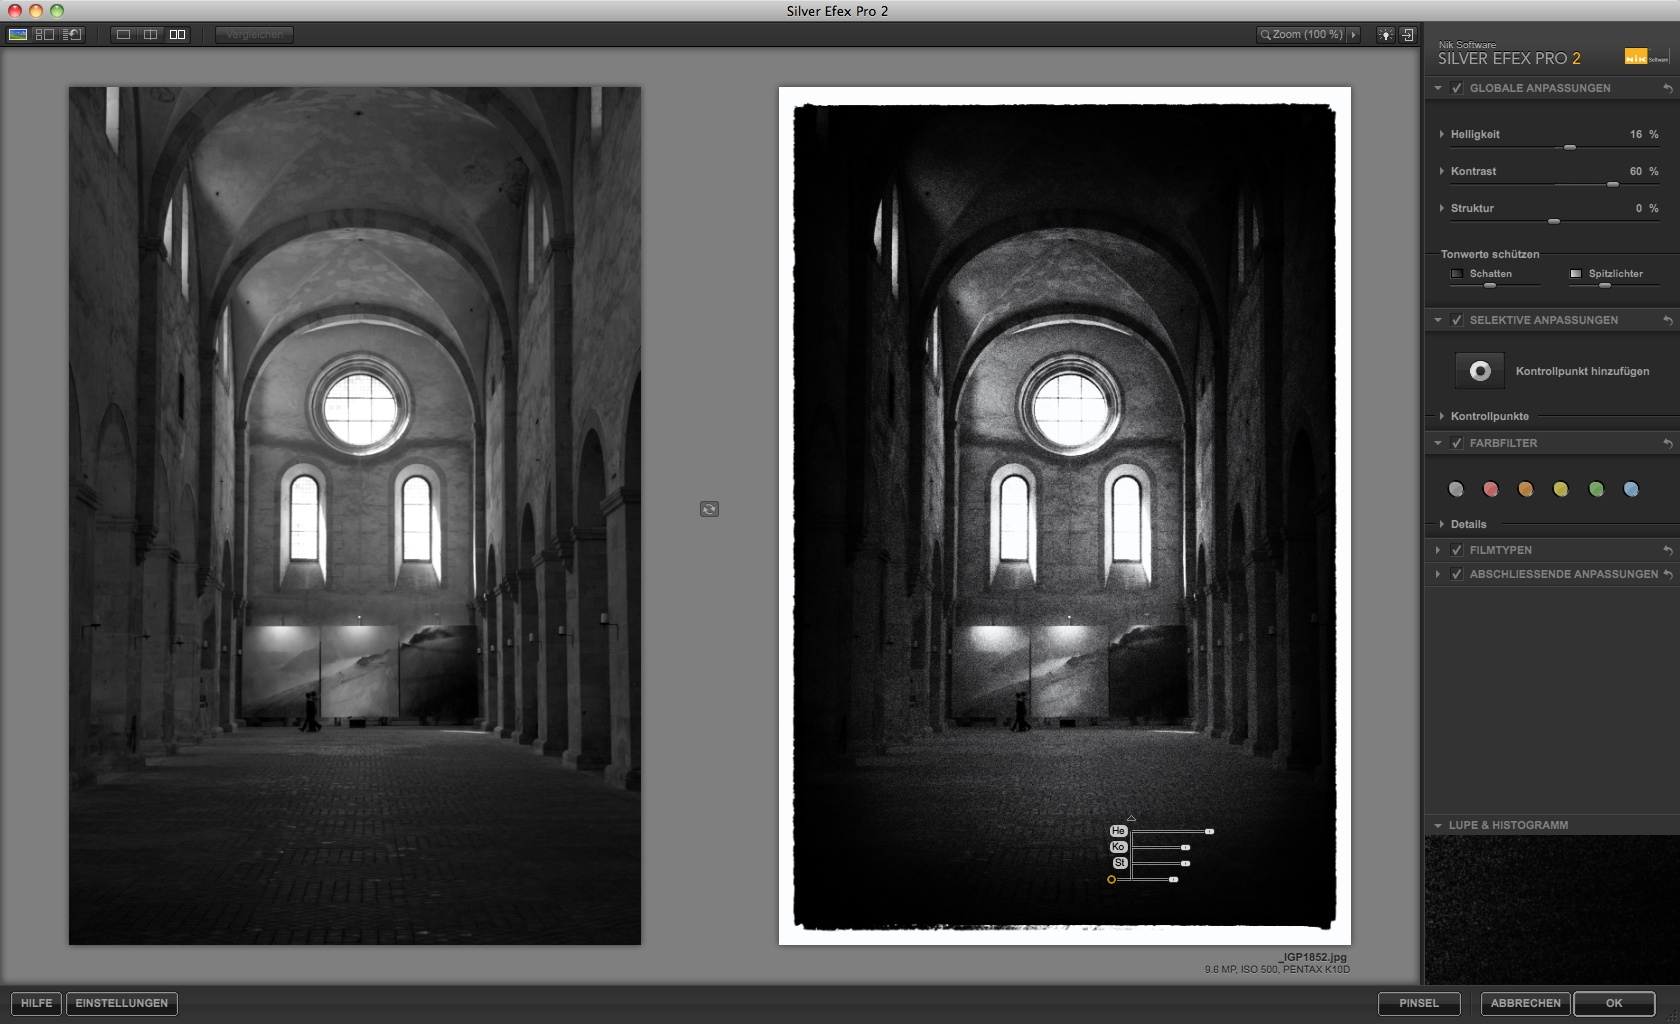 Nik Software: Bildbearbeitung für Schwarz-Weiß-Fotos - Silver Efex Pro 2 - Filmkorn (Foto: Andreas Donath)